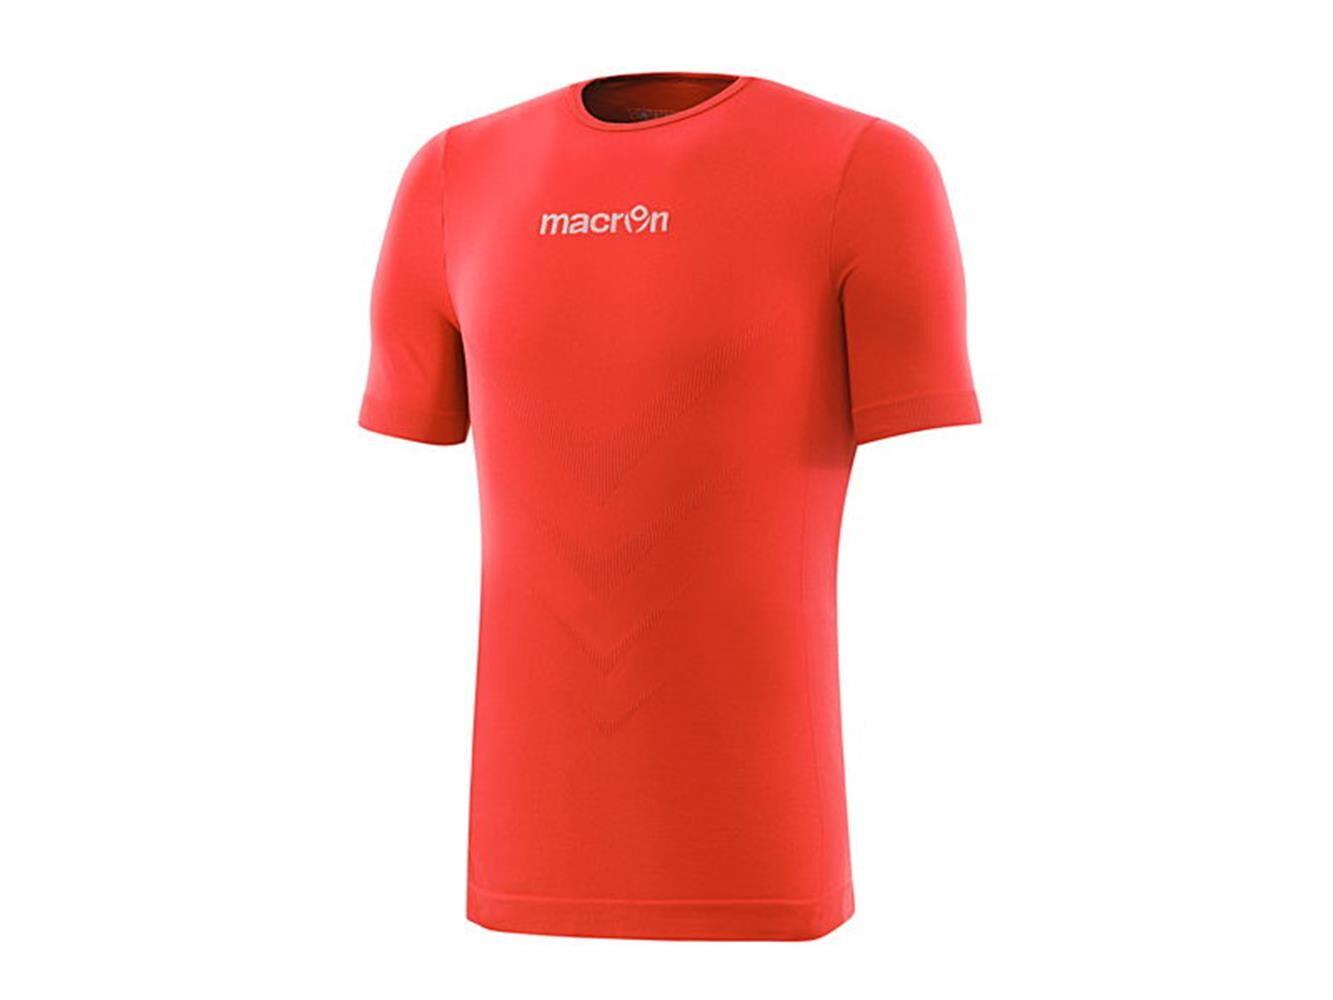 Macron Maglietta Uomo Performance Short Sleeves Underwear